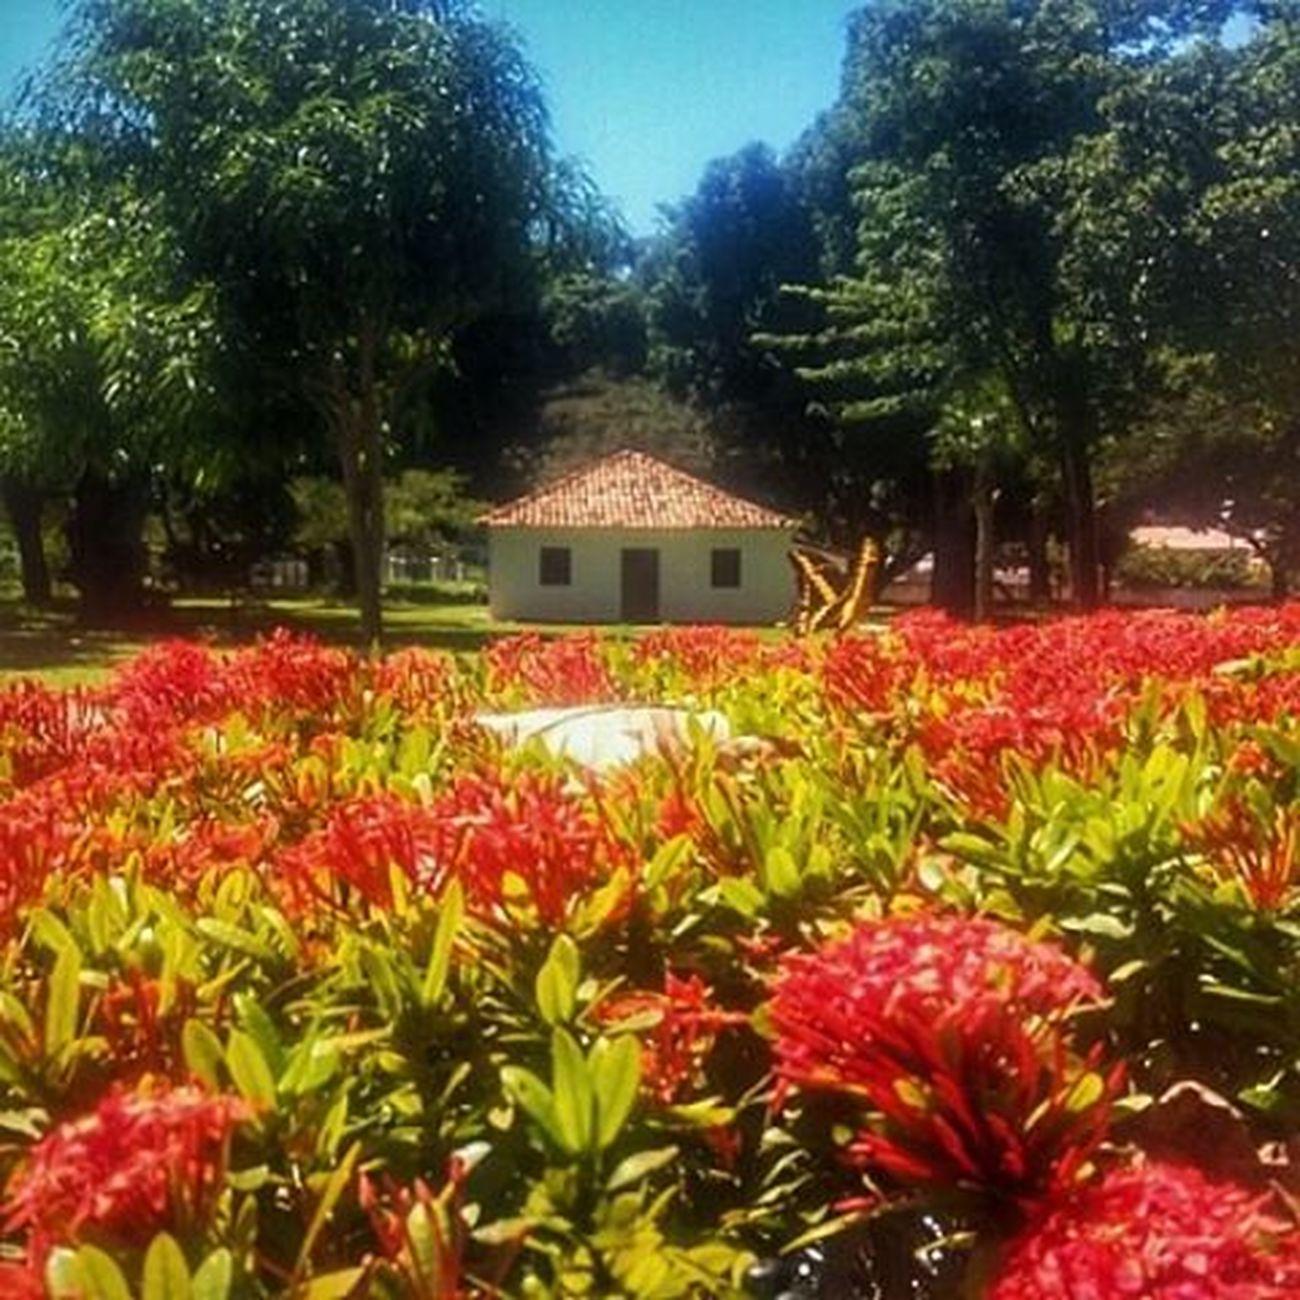 Casa José de Alencar Dnfotografia Fotomissao Photography Loosemag loosefineart Fortaleza Ig_ceara Ceará Amigersbr Amigersbrasil